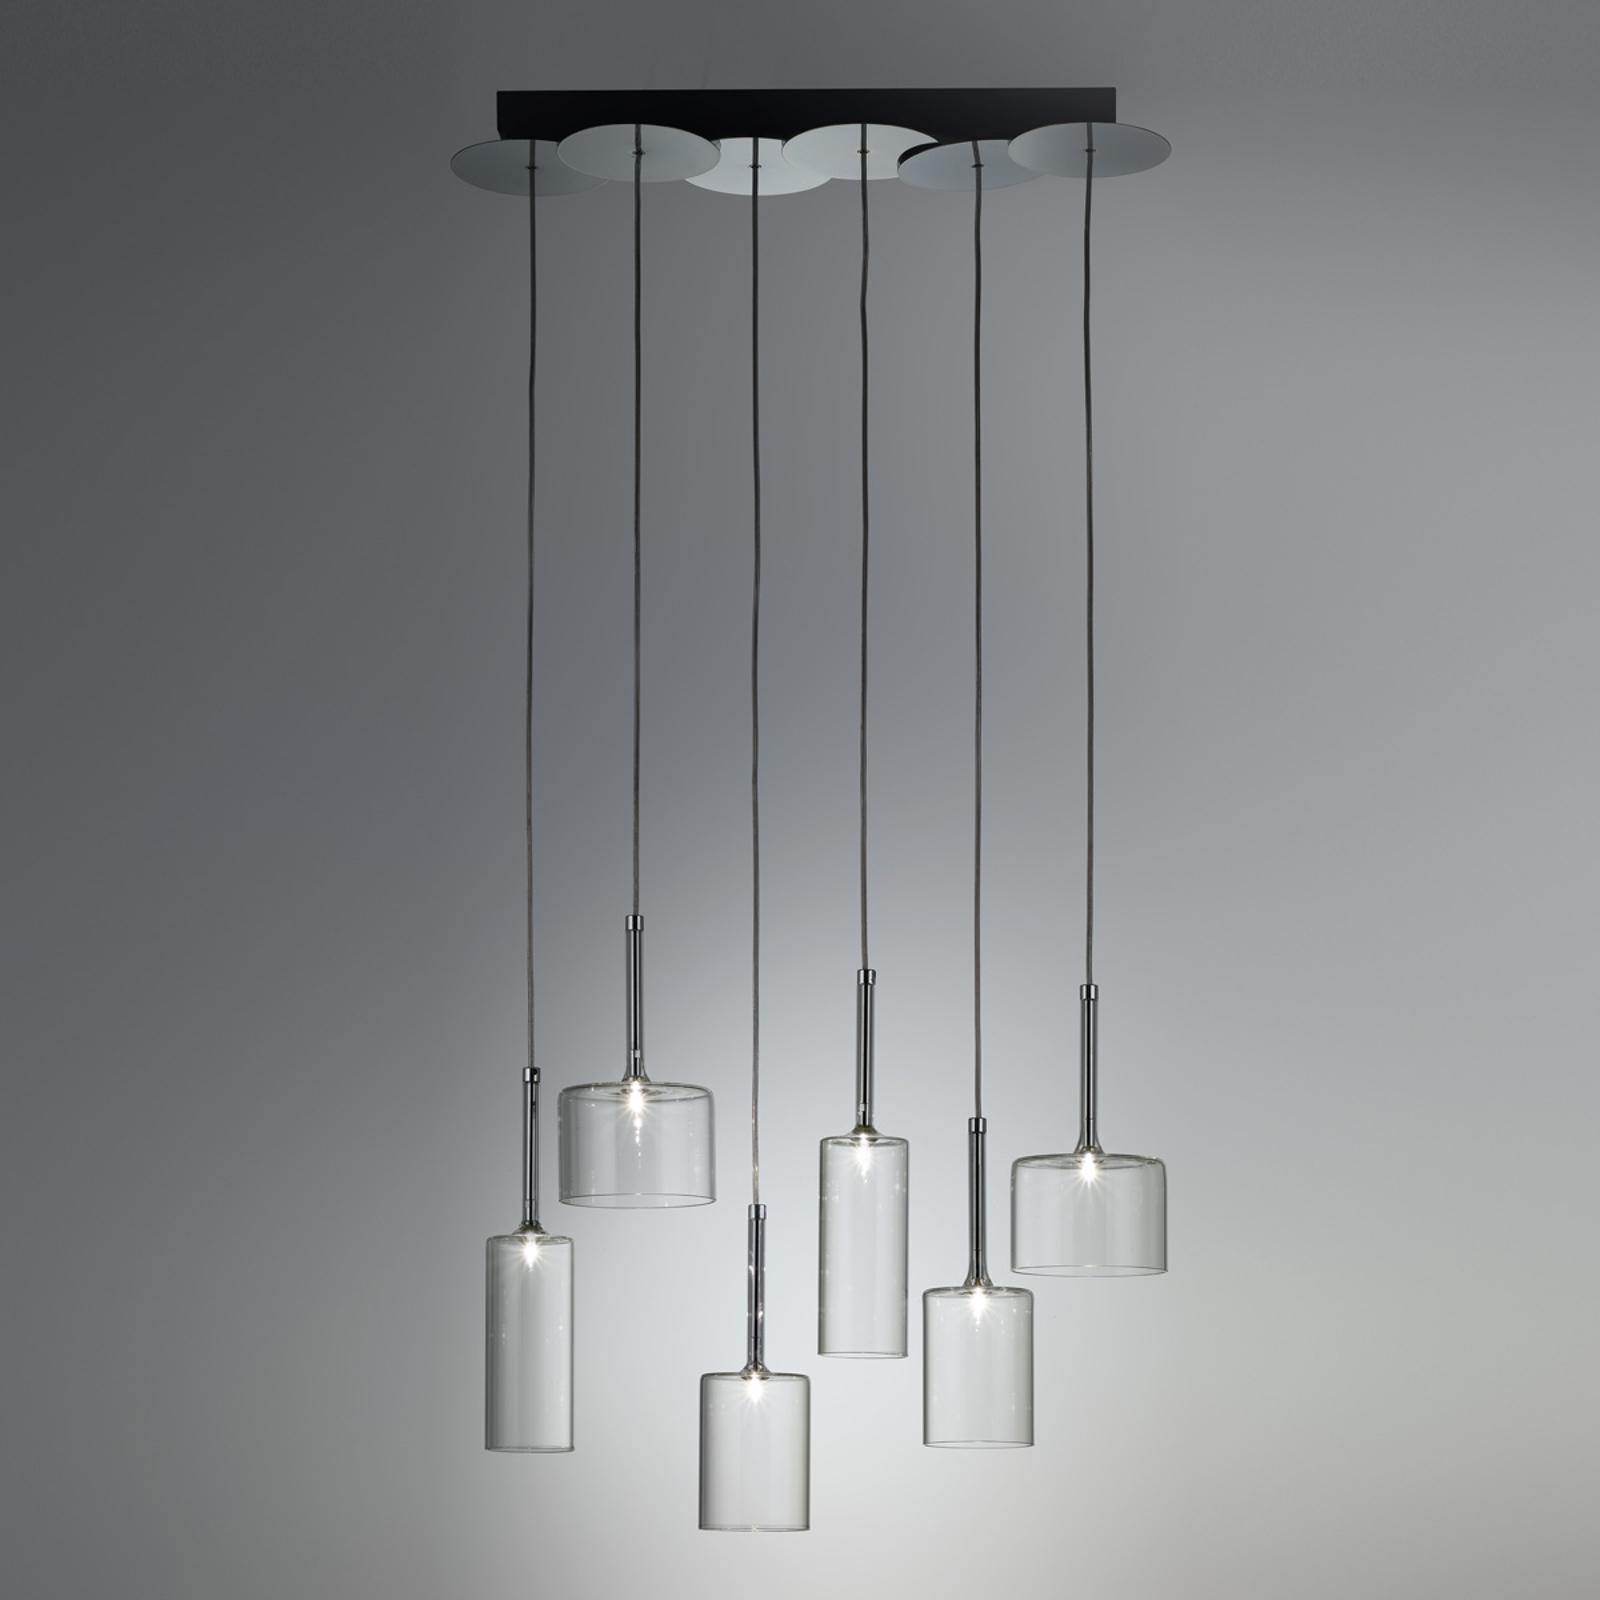 Lampada a sospensione Spillray di vetro a sei luci